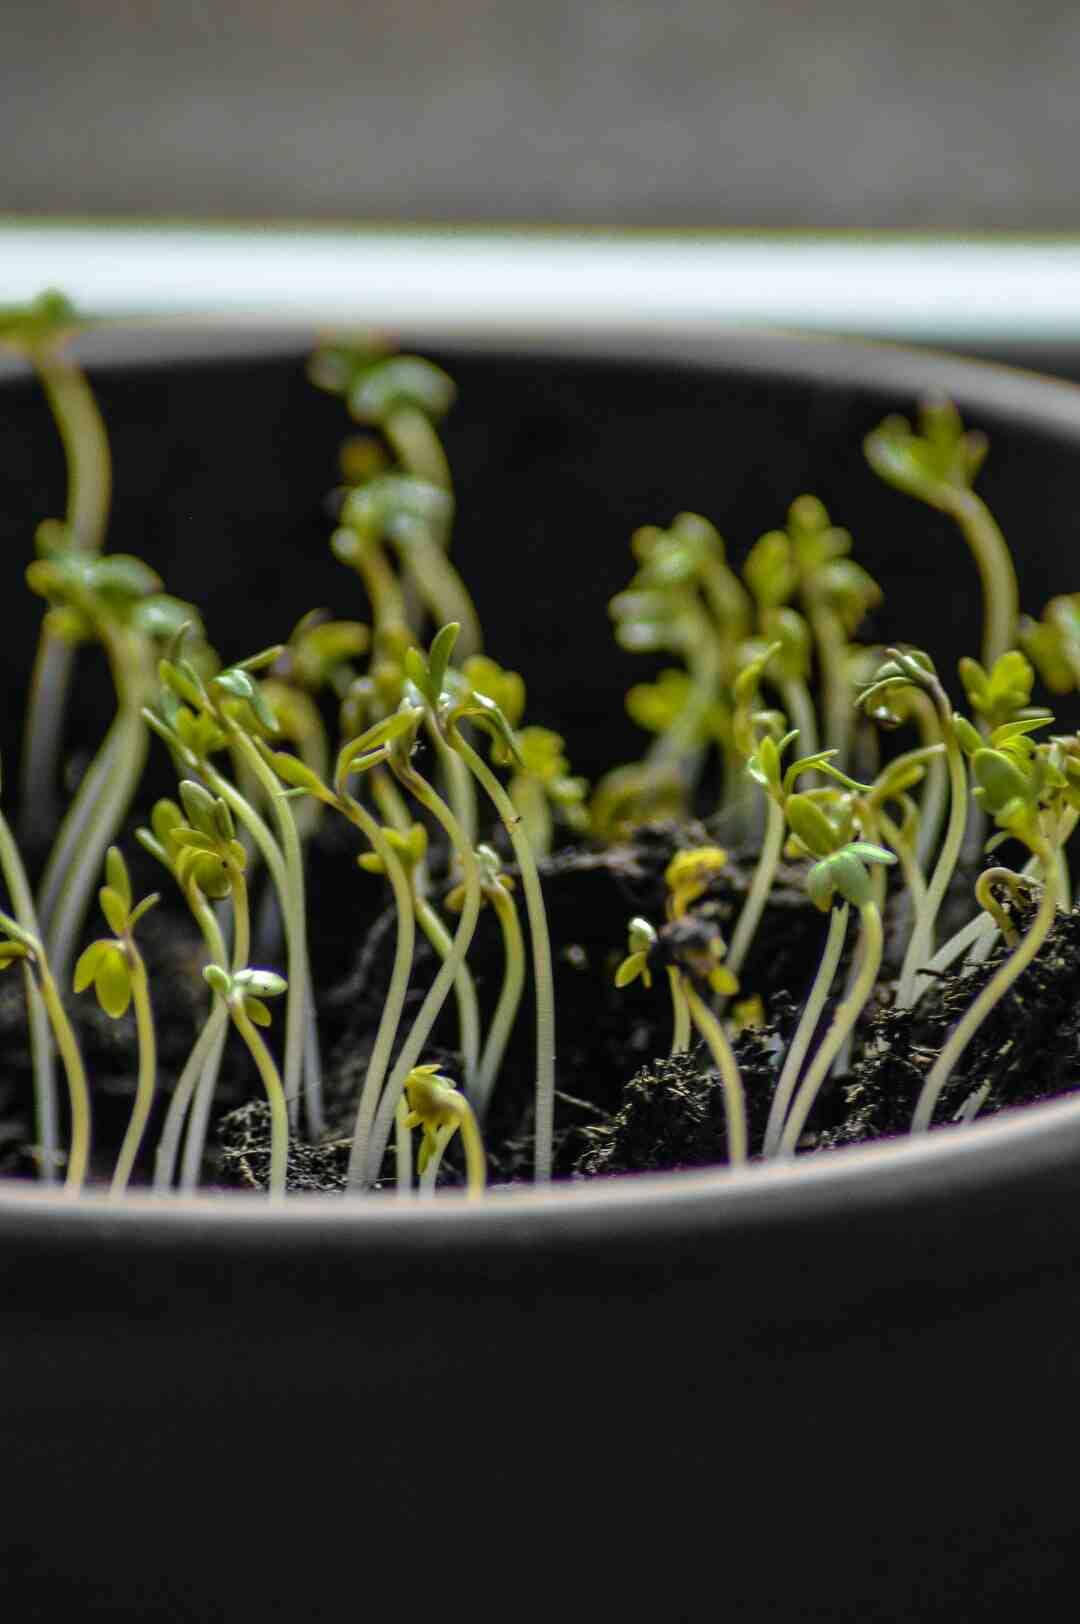 Comment faire germer un haricot rapidement ?